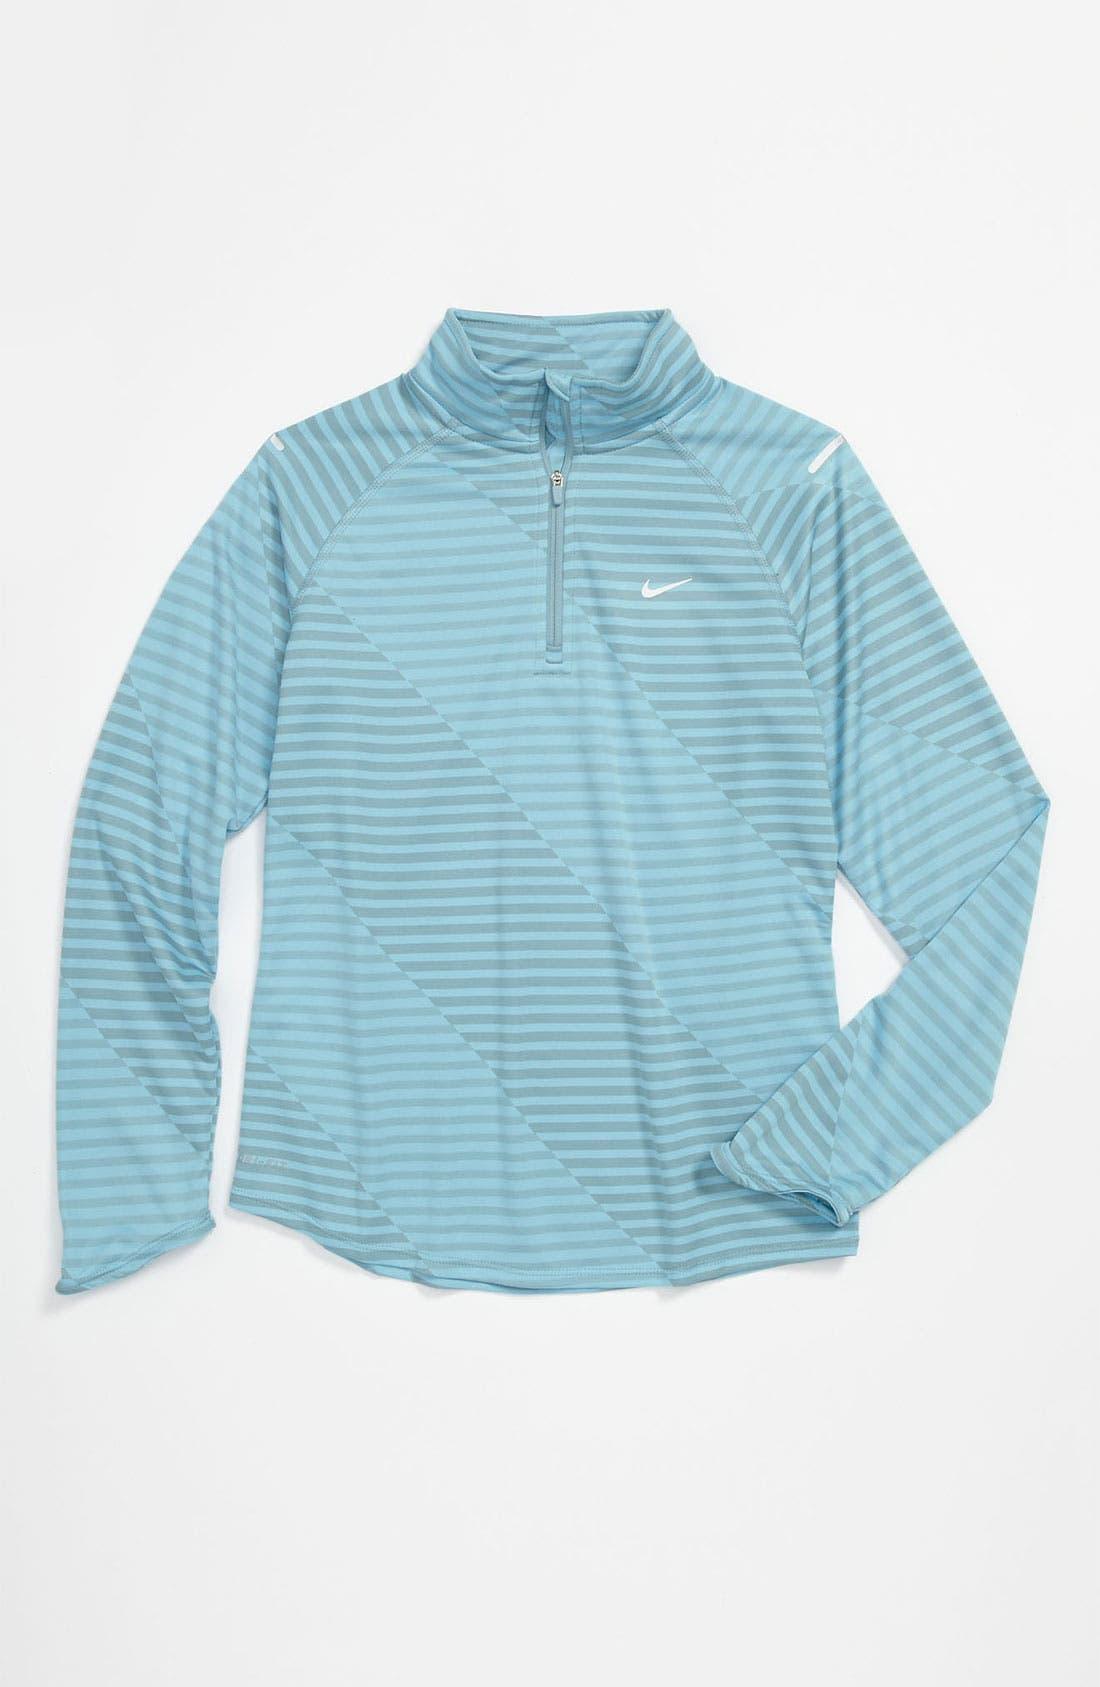 Alternate Image 1 Selected - Nike 'Jacquard Element' Jacket (Big Girls)